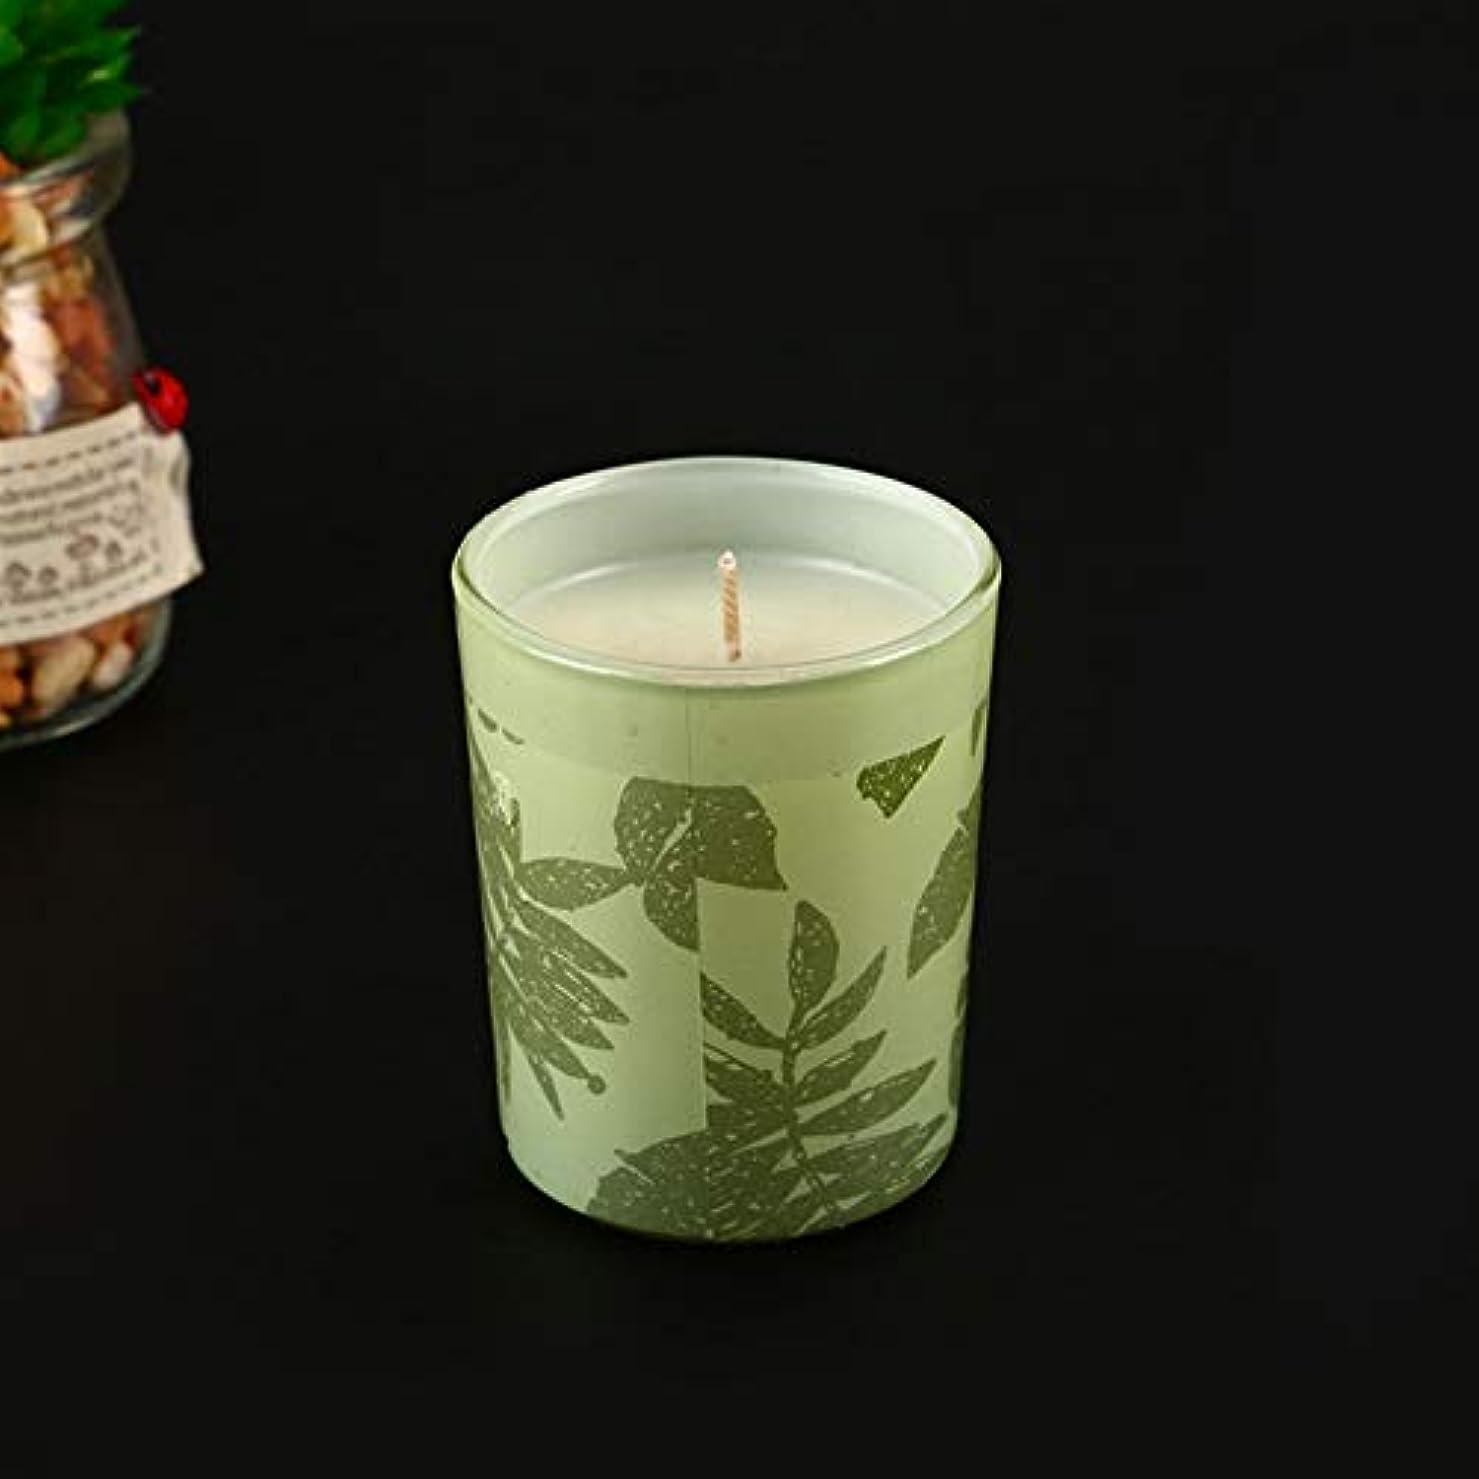 故障中遺産買い手Guomao アロマセラピーキャンドルガラス香料入りキャンドル無煙大豆キャンドル誕生日キャンドル (色 : Green tea)